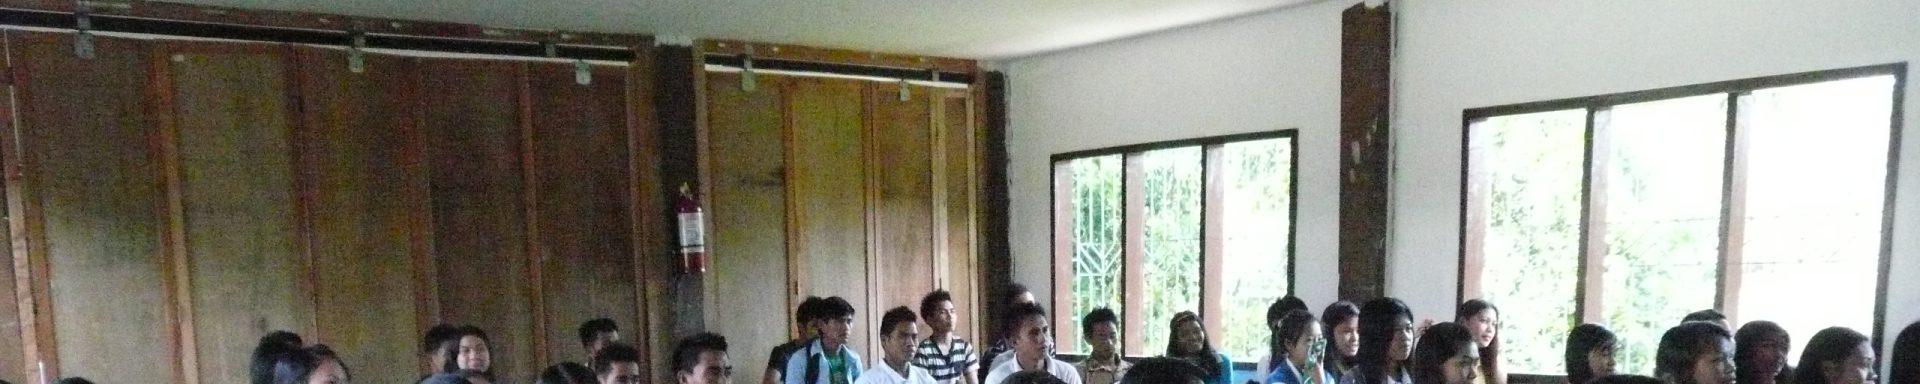 Klaslokaal voor meisjes in de Filipijnen